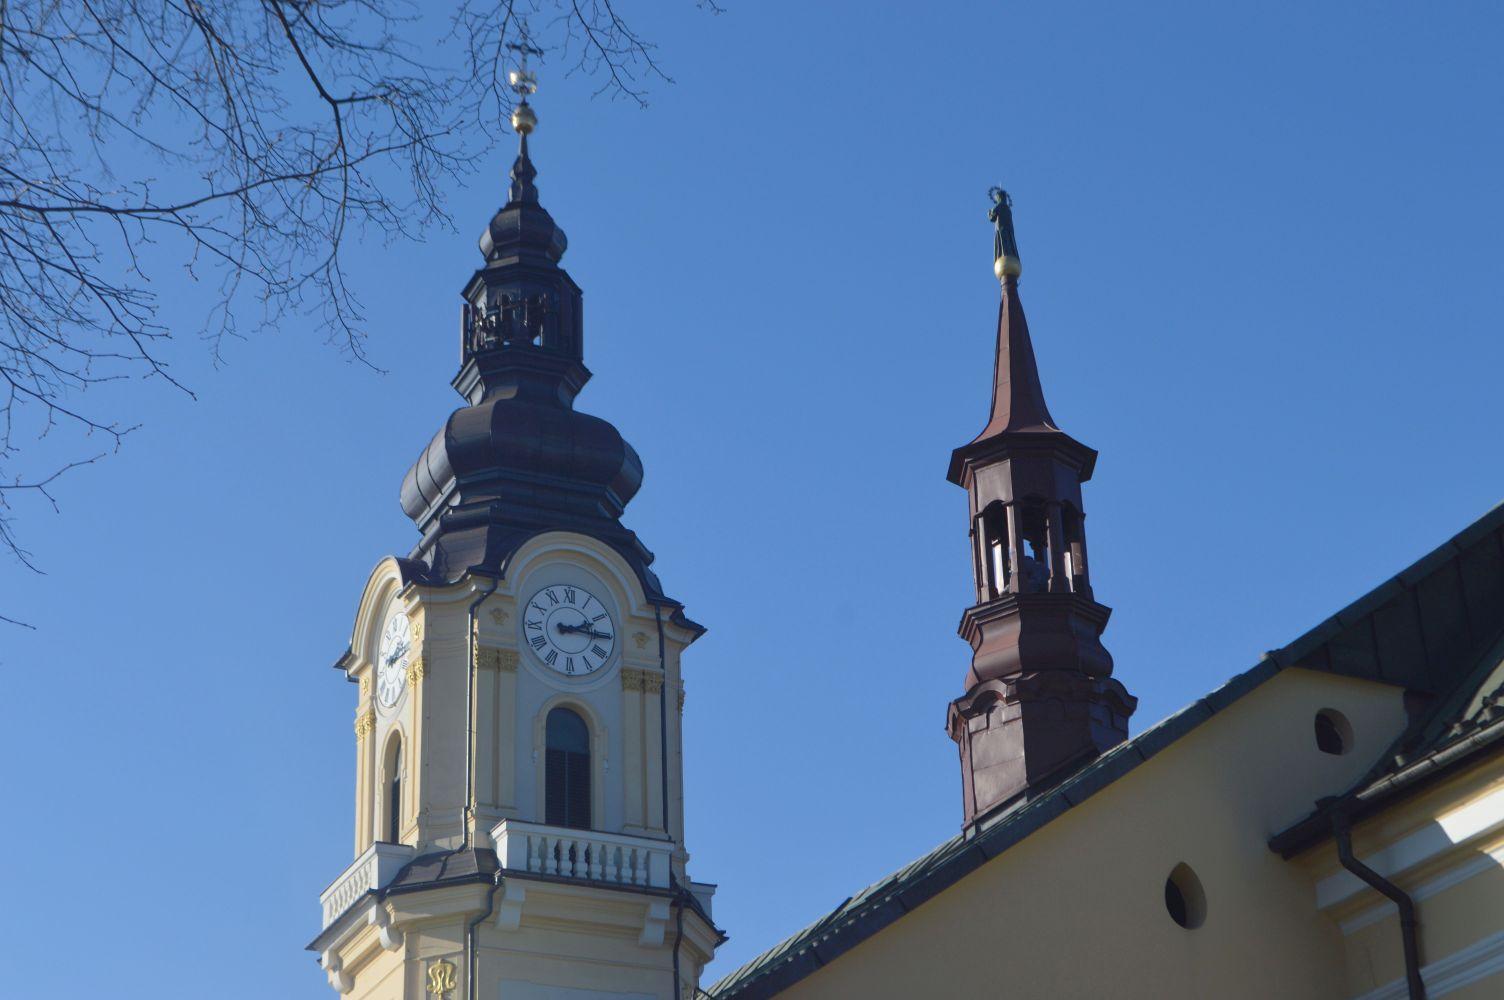 W Wielkanoc w południe proboszcz wyjdzie na wieżę kościoła i...